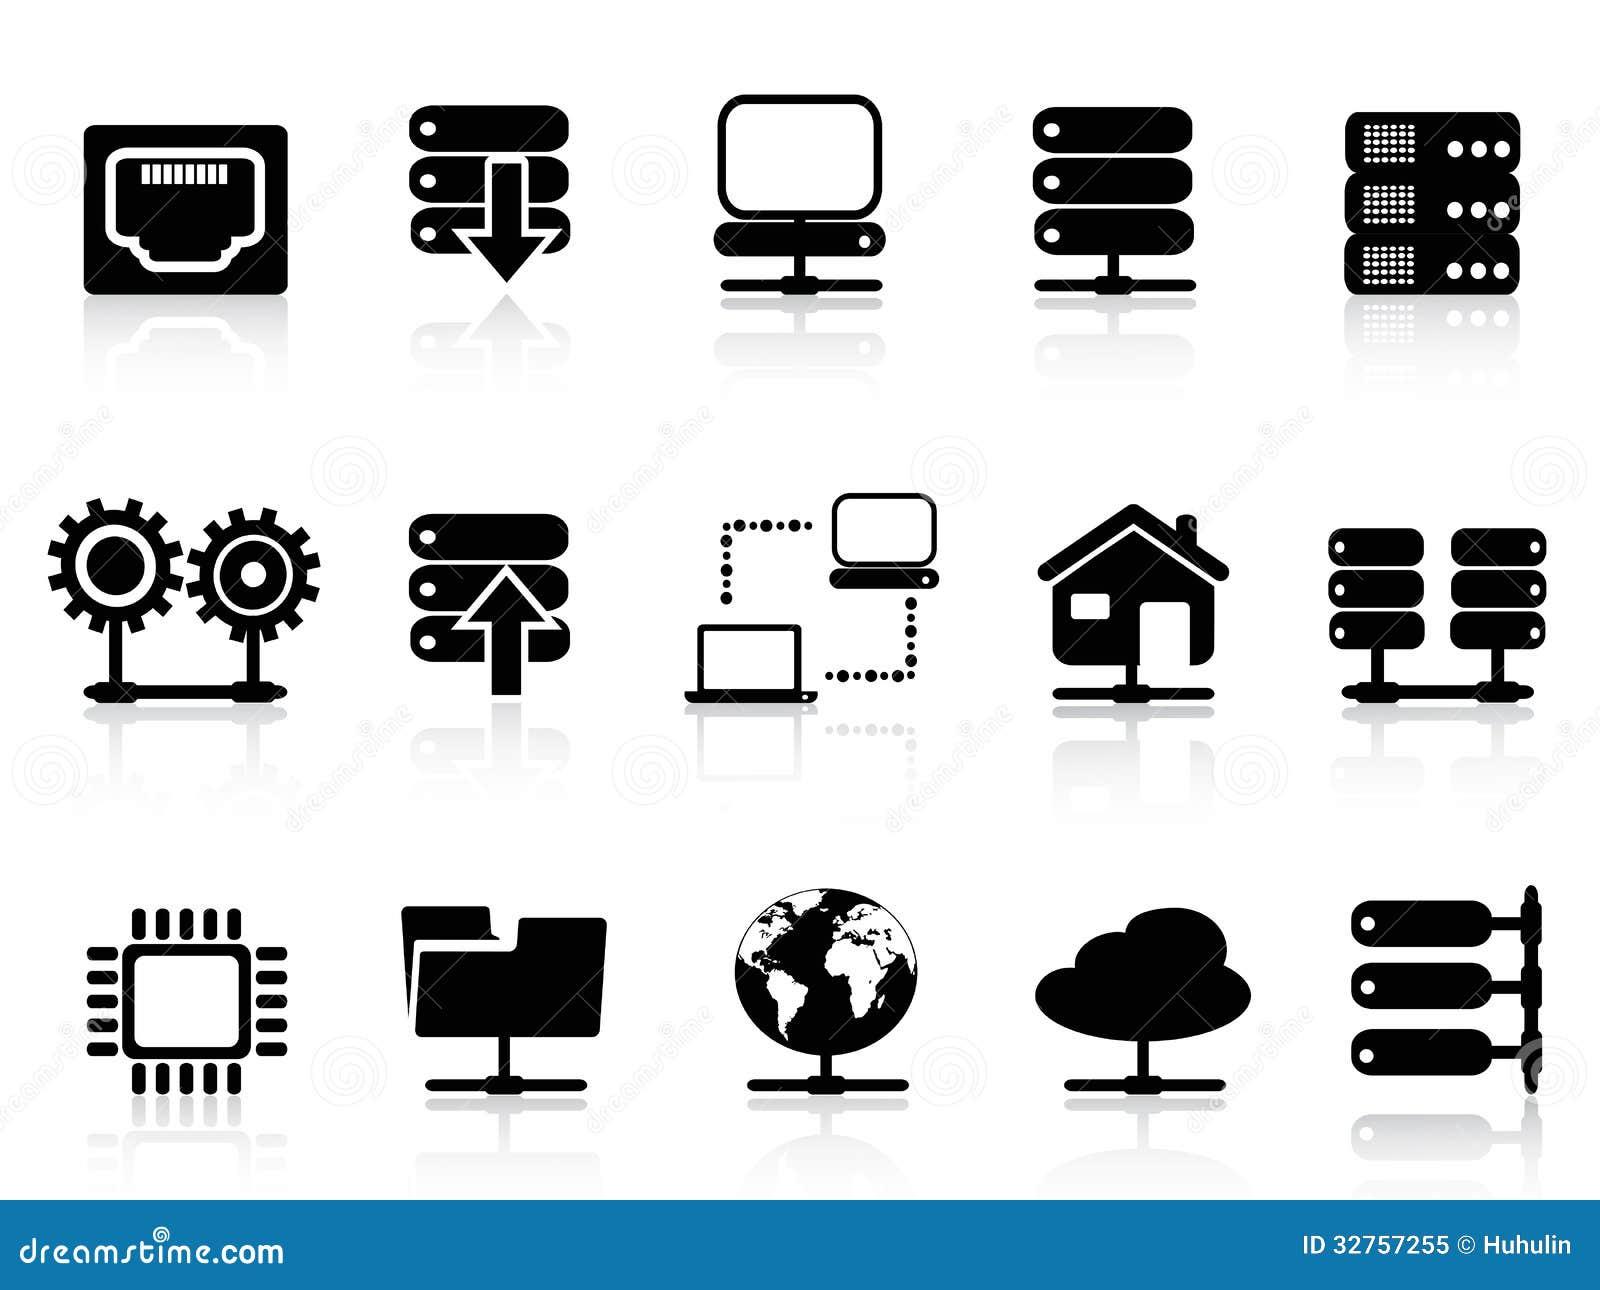 Icône de serveur et de base de données